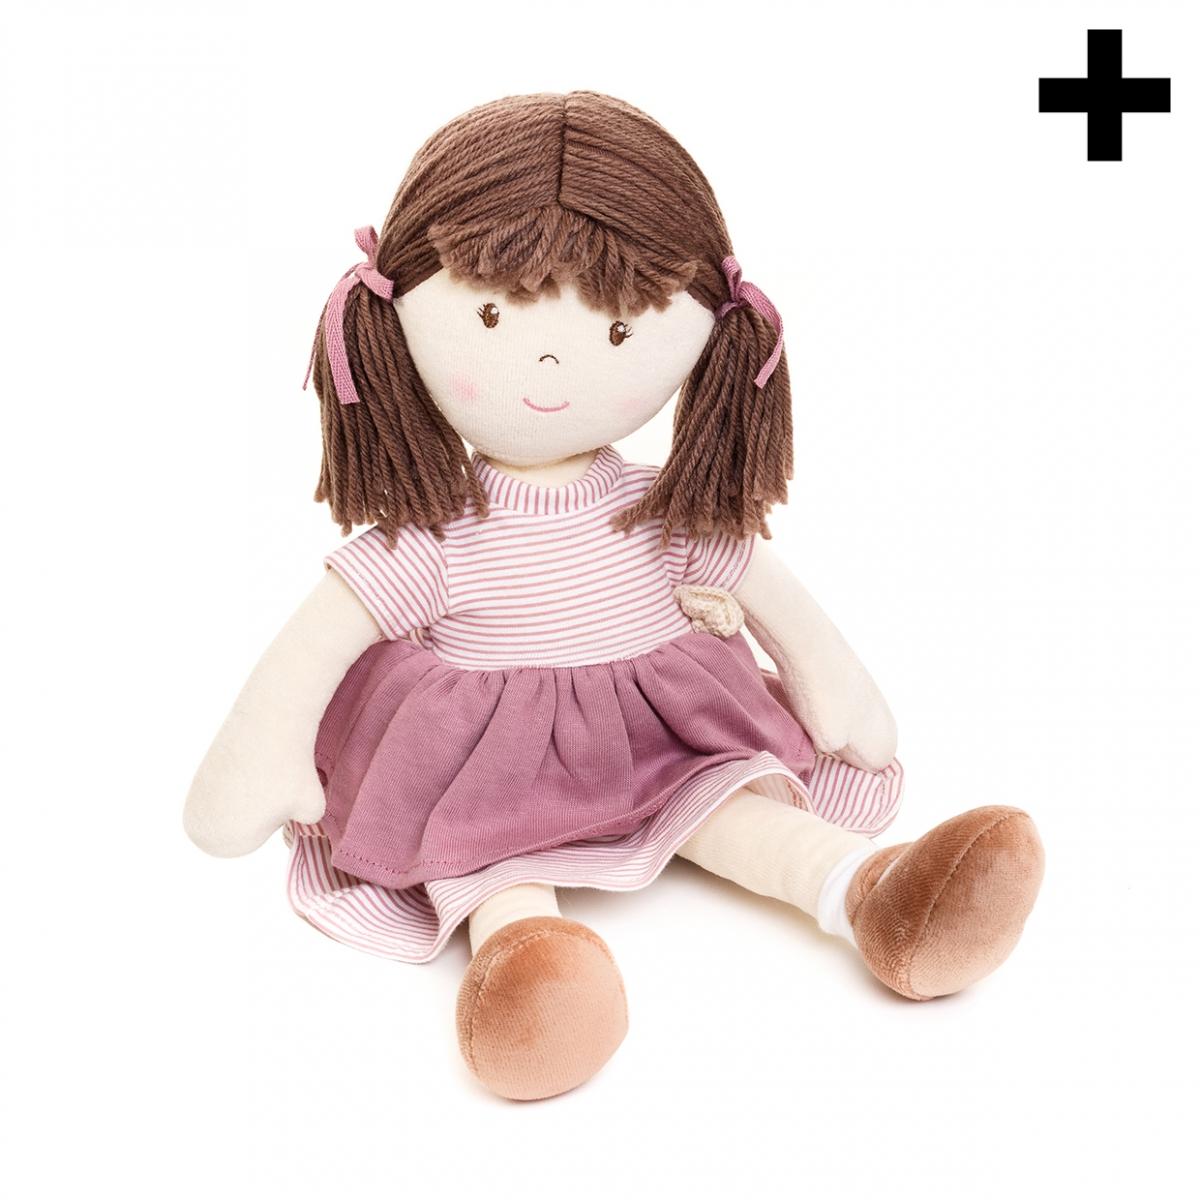 Imagen en la que se ve una muñeca de trapo